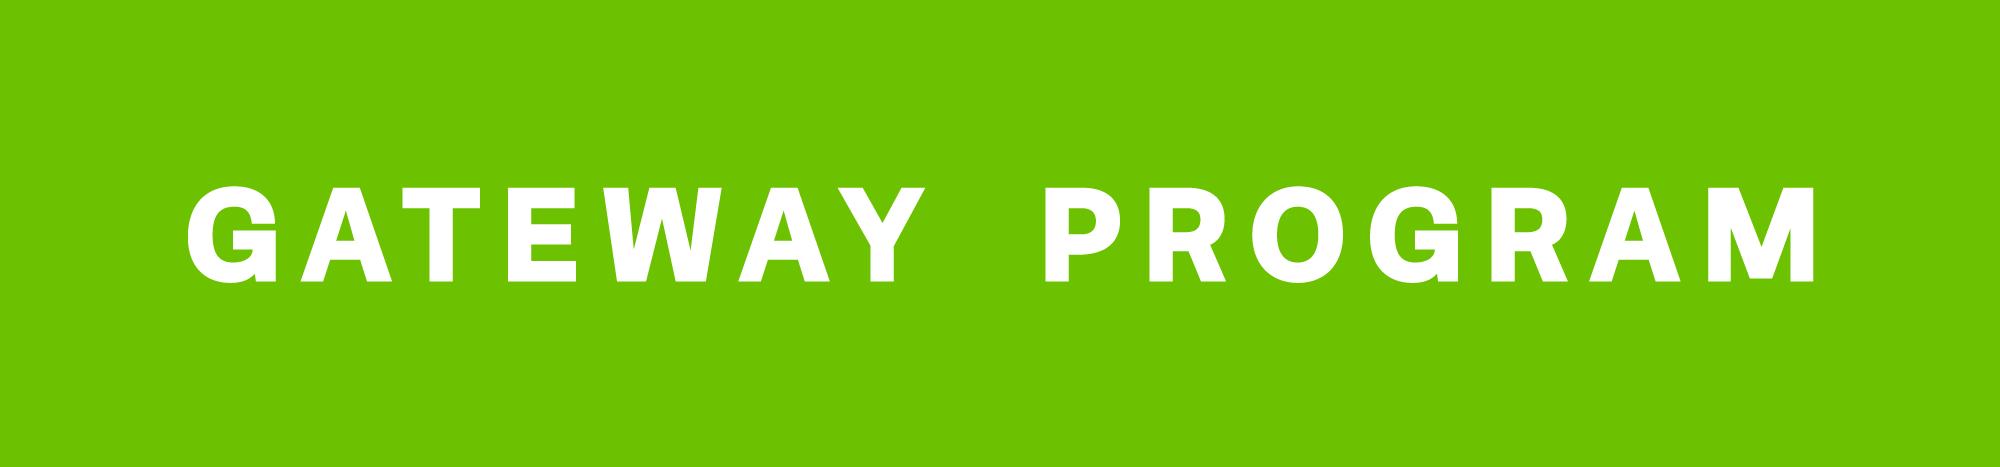 GDC-logo-green-rgb_SJJSJS.png